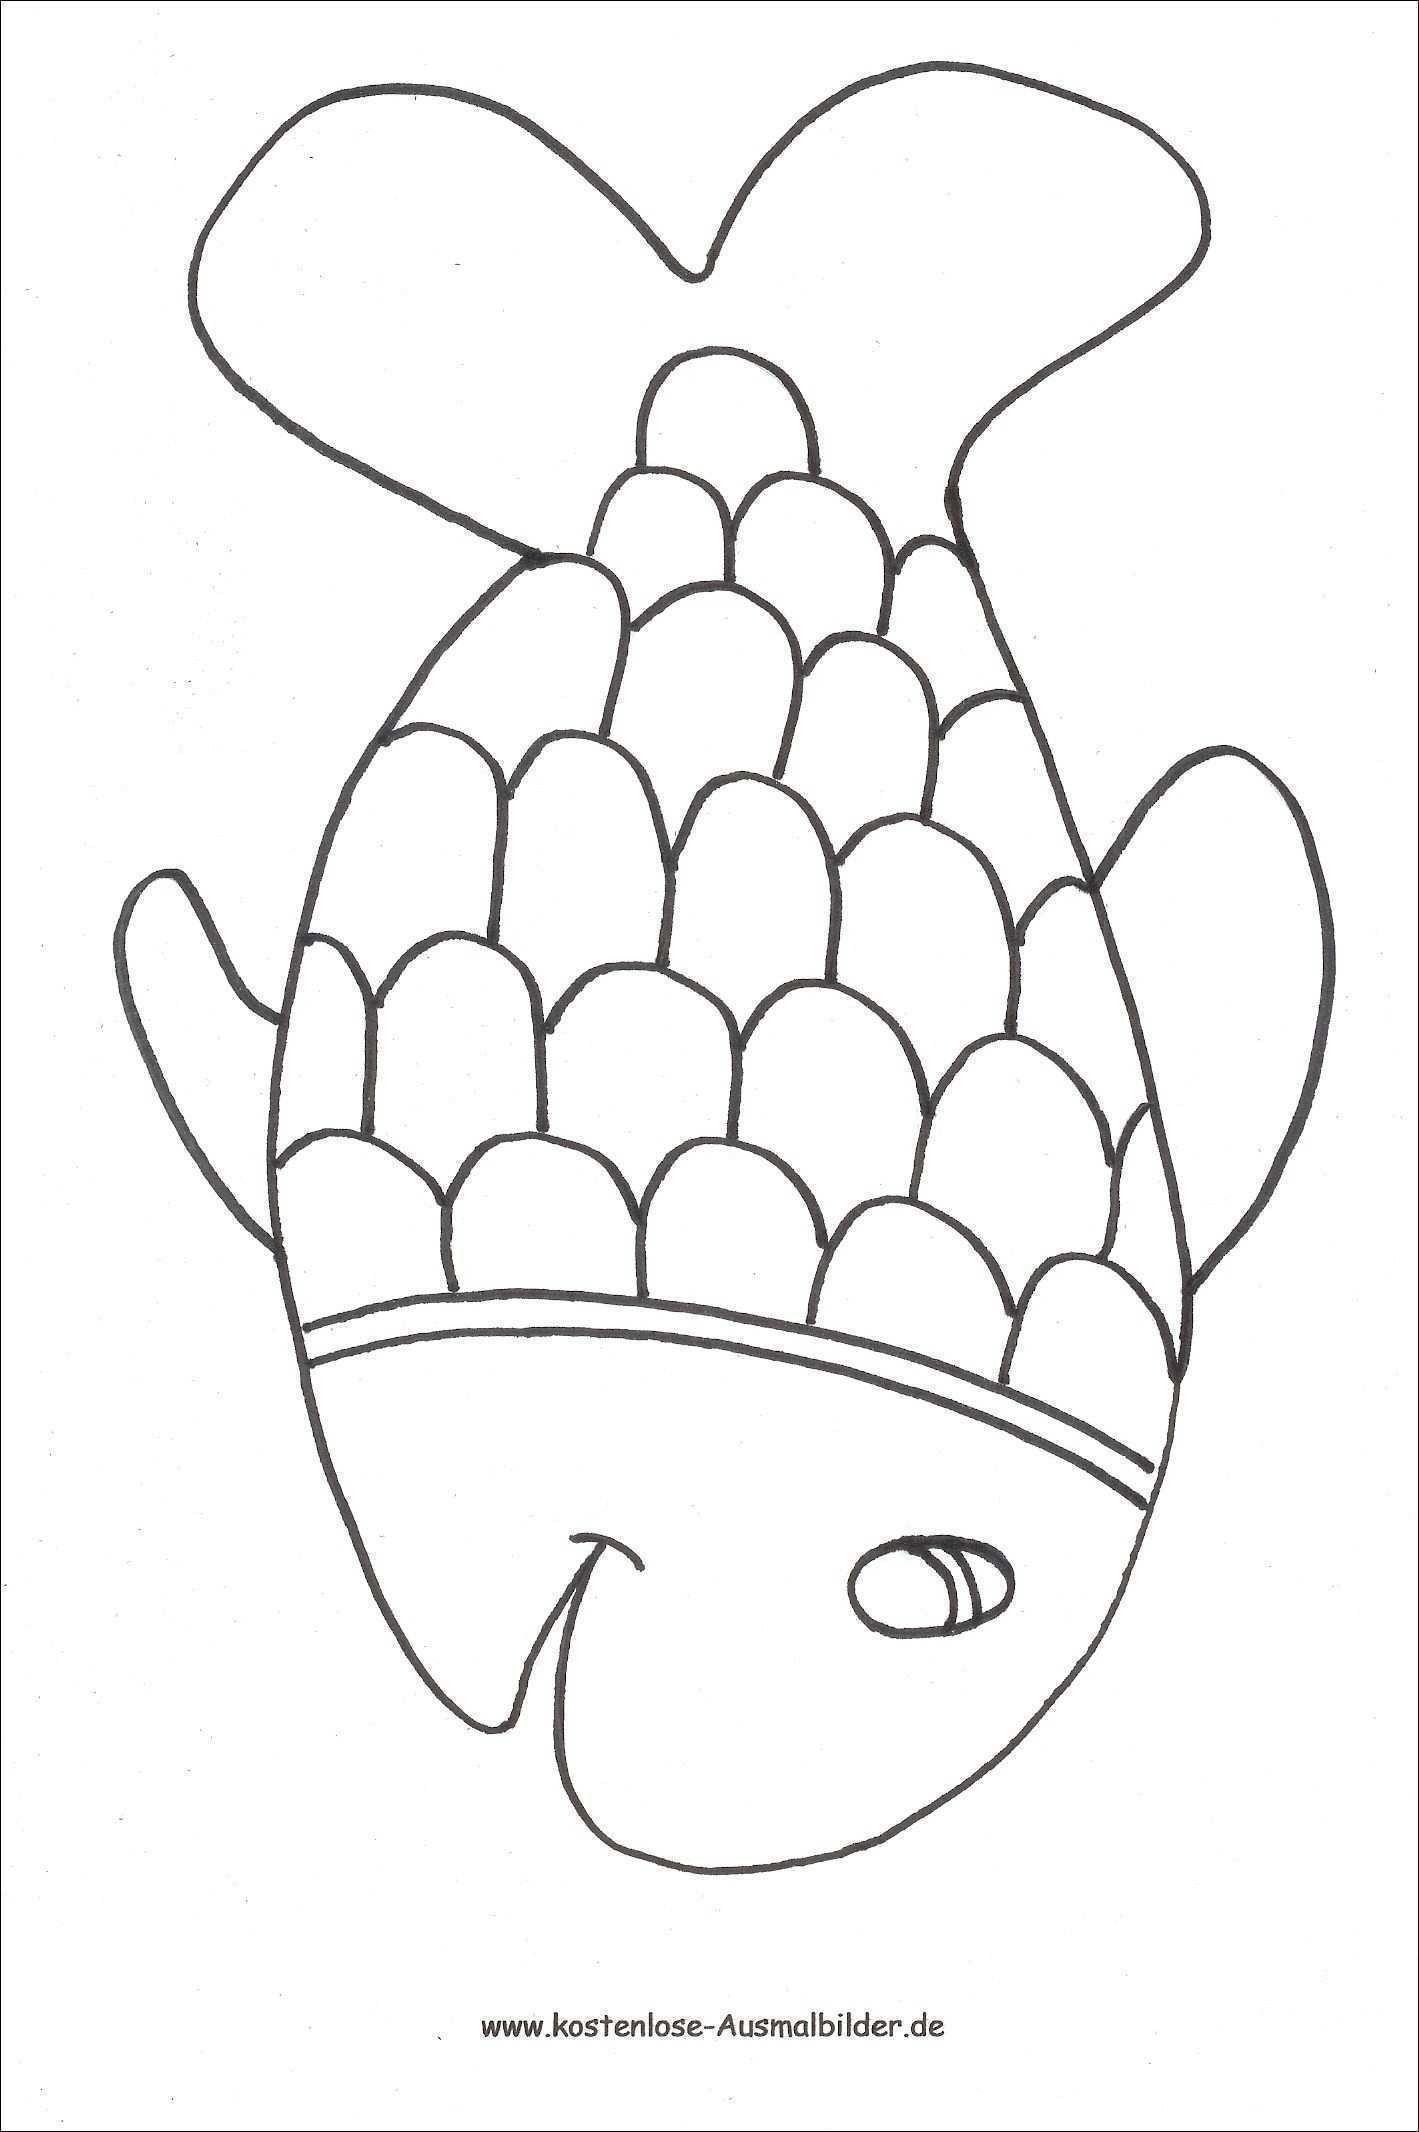 Neu Malvorlagen Kinder Einfach Ausmalbilder Fische Kostenlose Ausmalbilder Fisch Vorlage